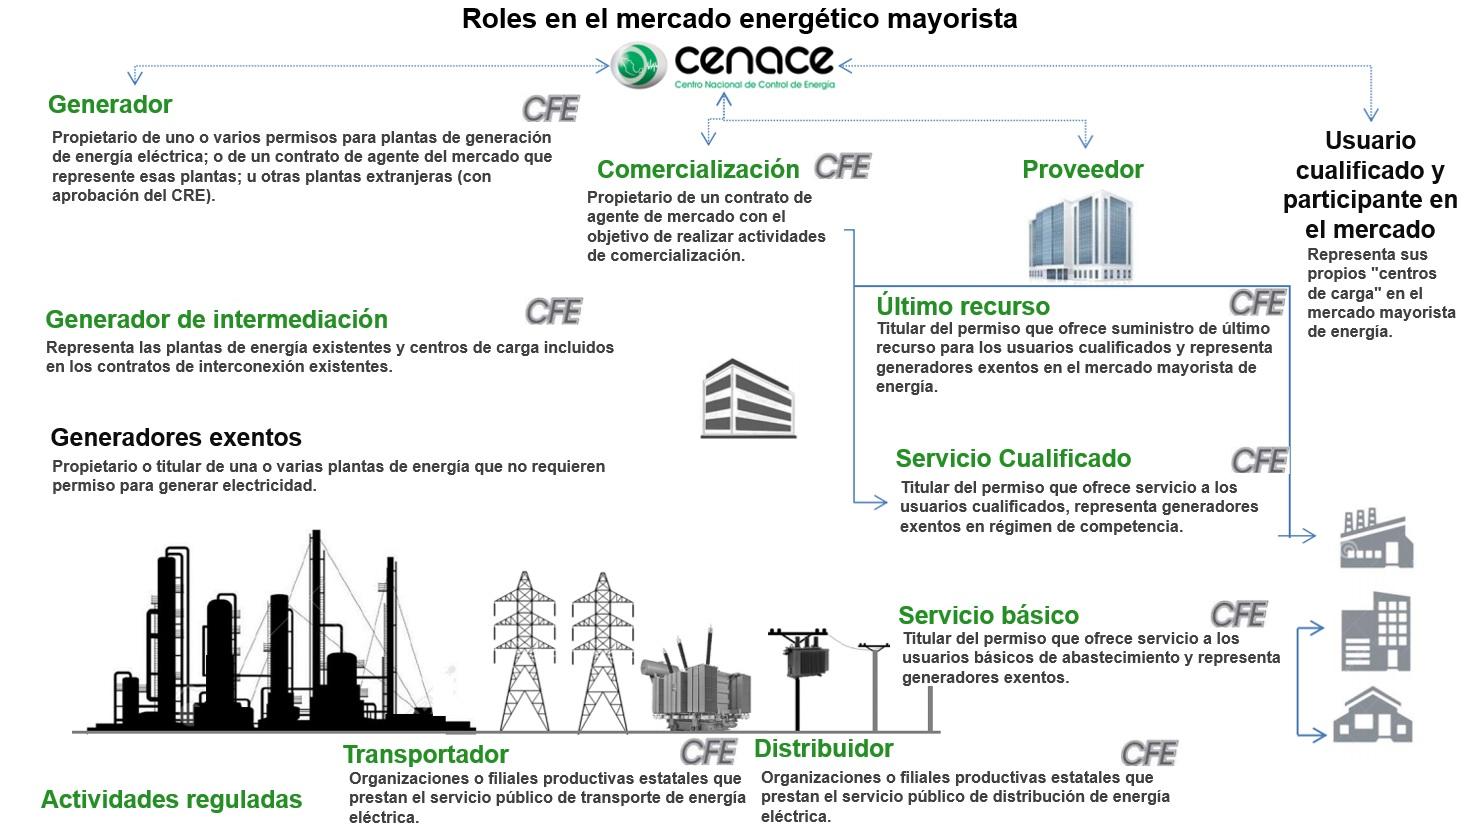 Roles_en_el_mercado_energetico_mayorista